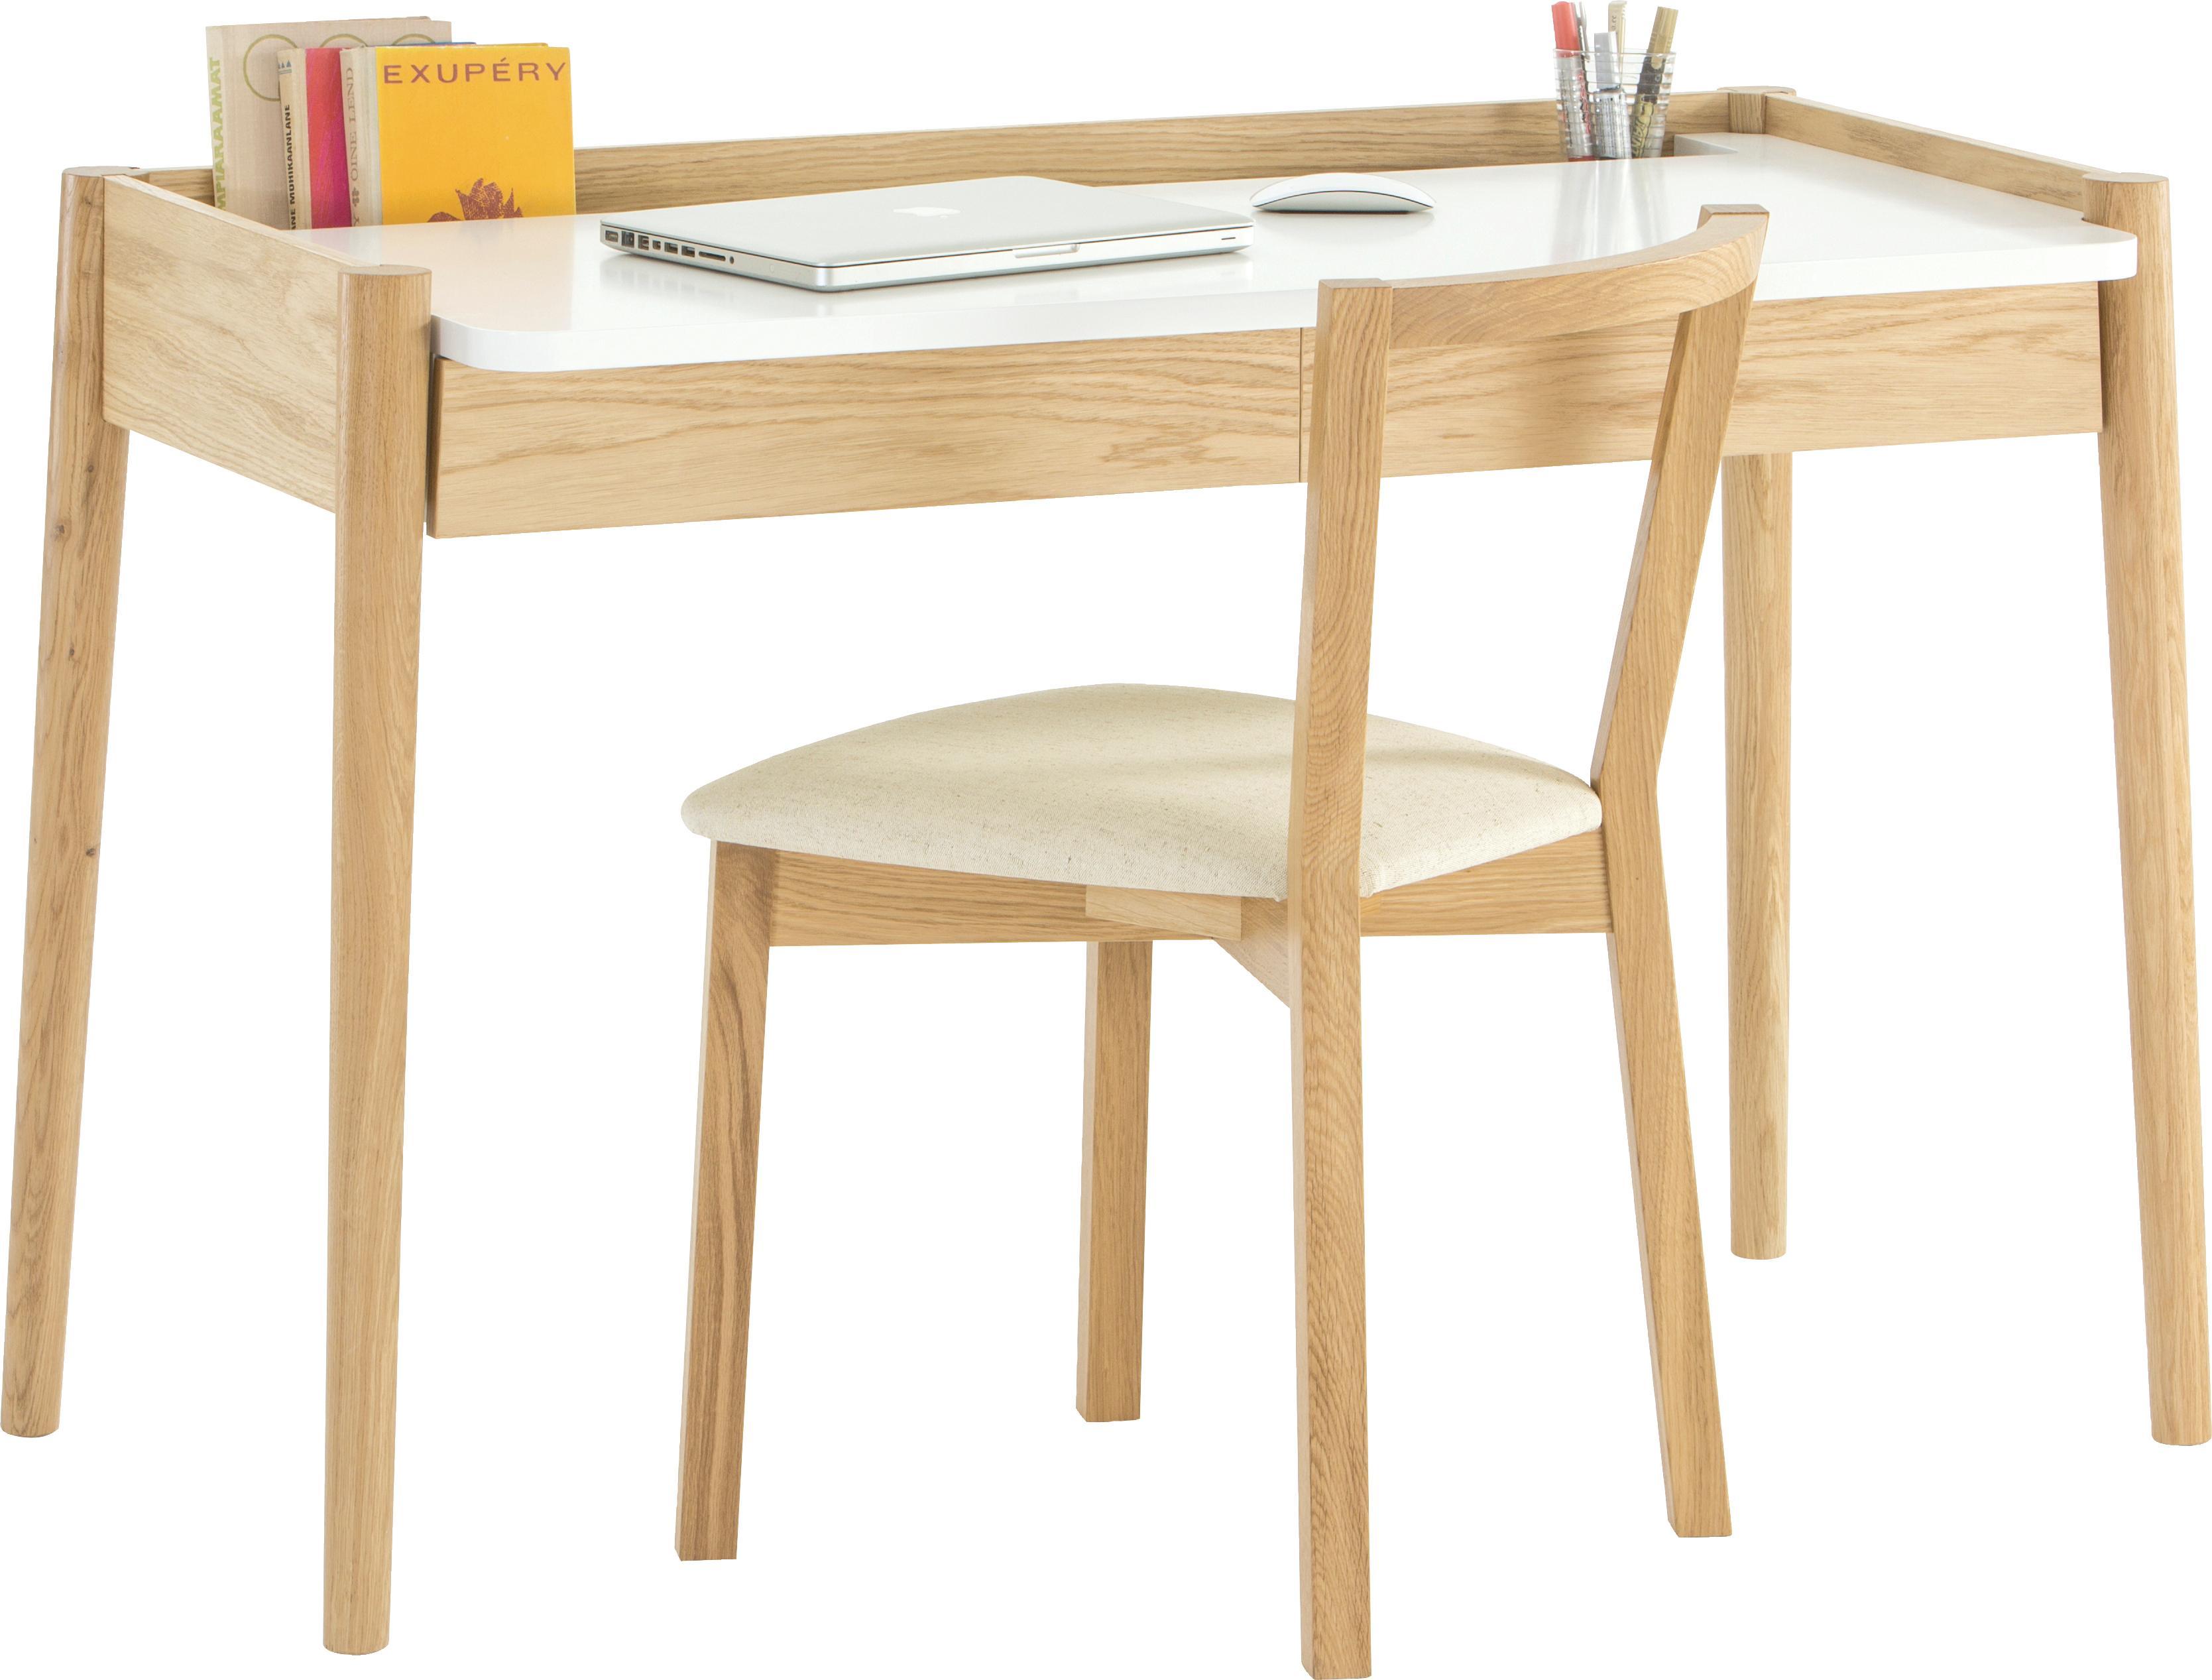 Woodman Schreibtisch Feldbach im schlichten skandinavischen Design